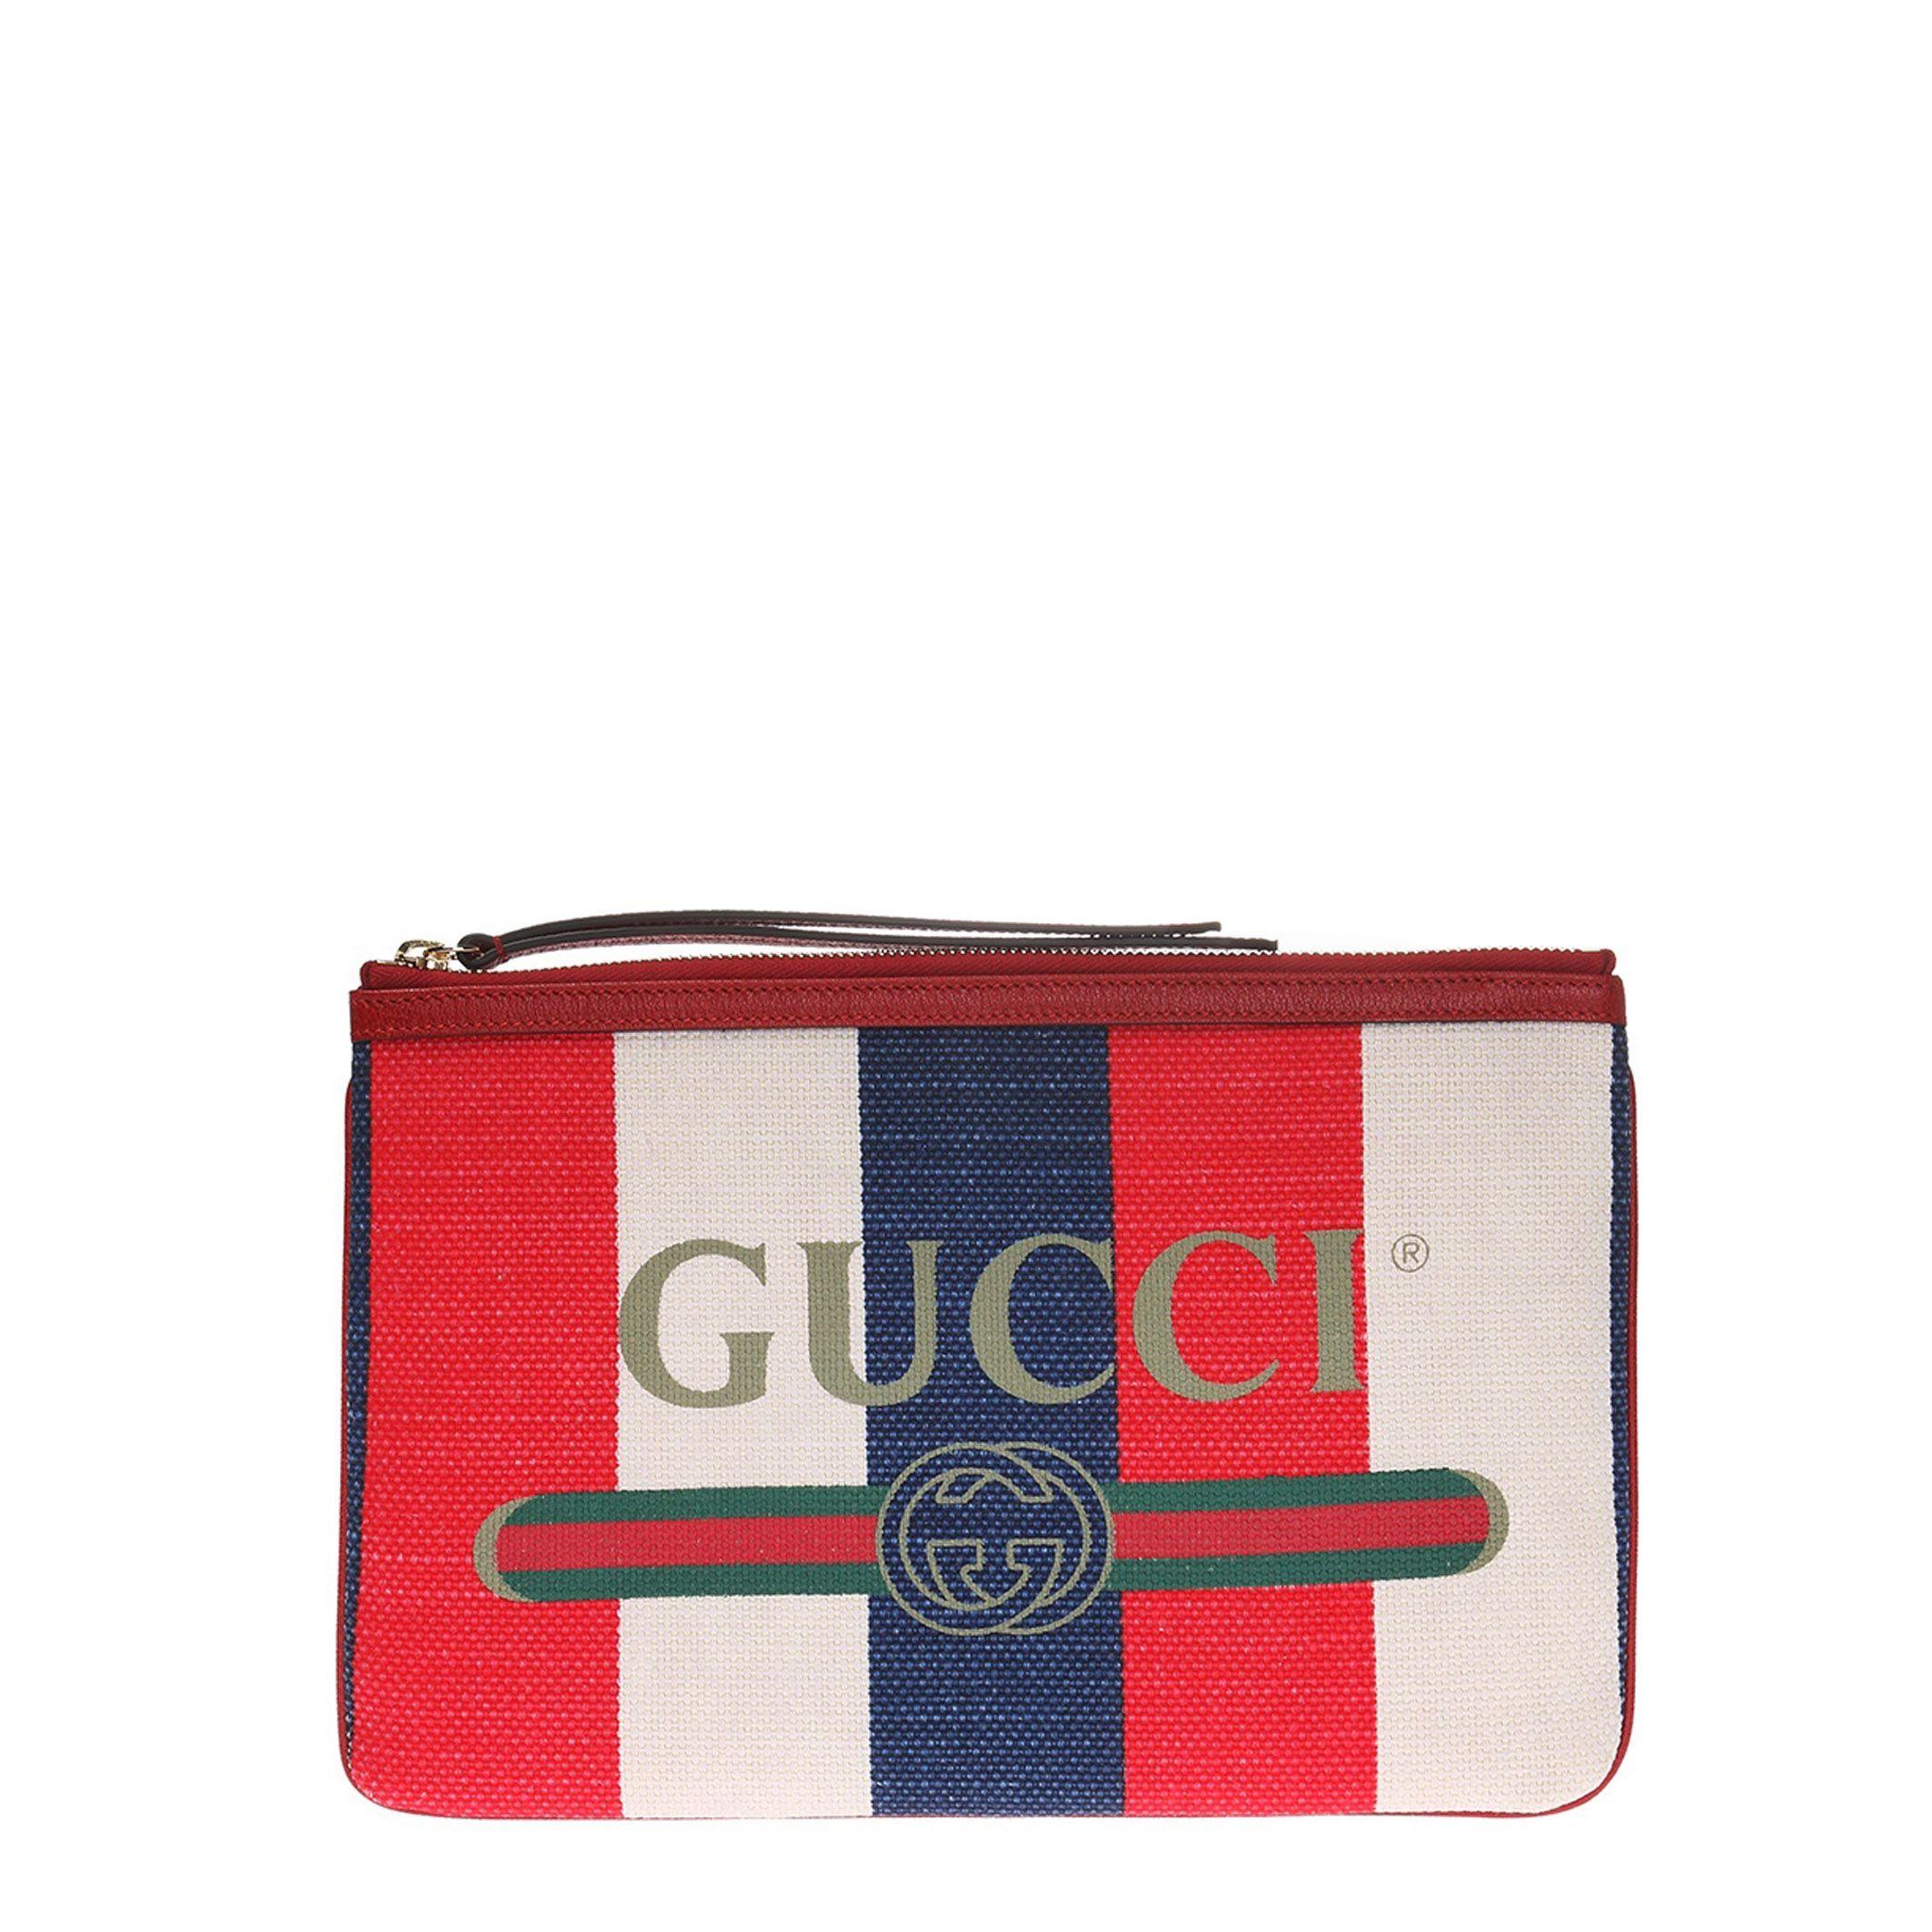 Gucci – 524788_9SBCG – Rojo